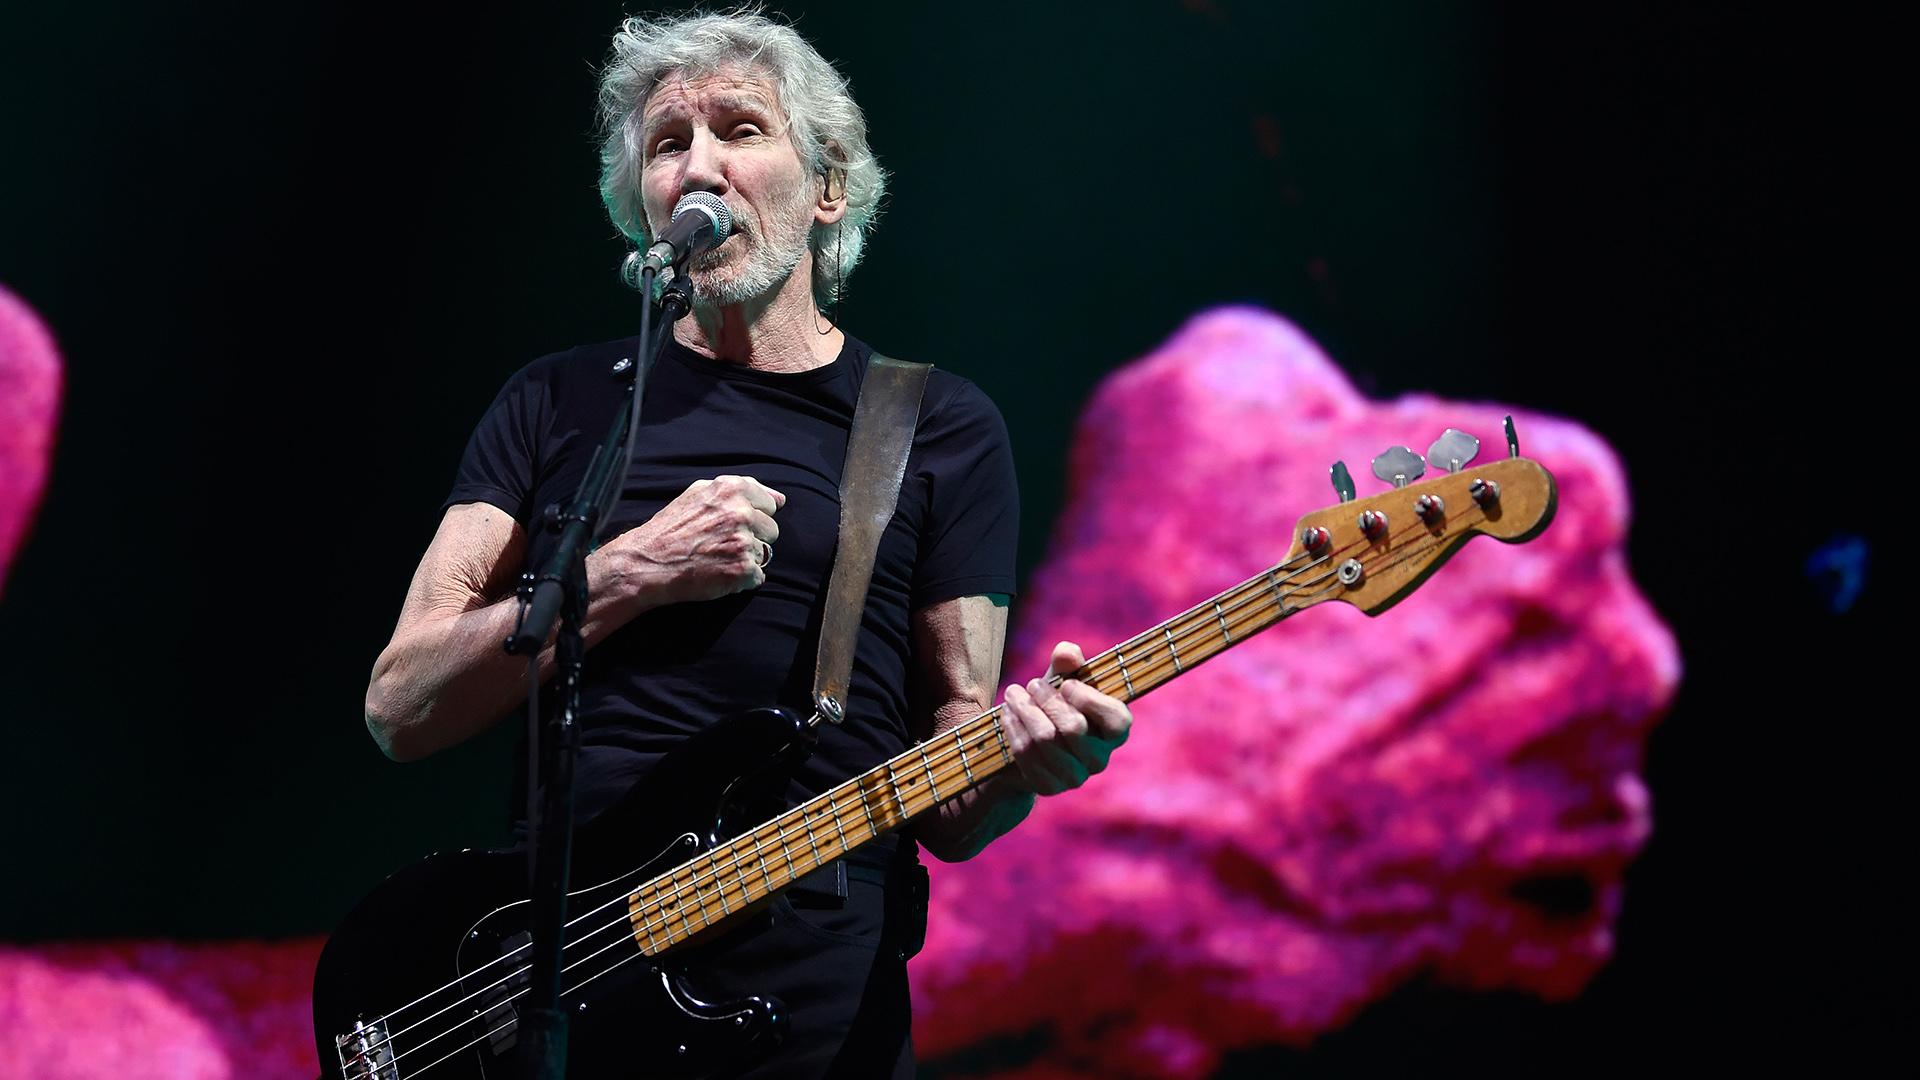 Roger Waters vistitó latinoamérica y fue reprochado por el CSW debido a sus declaraciones contra el estado de Israel (ALFREDO ESTRELLA / AFP)